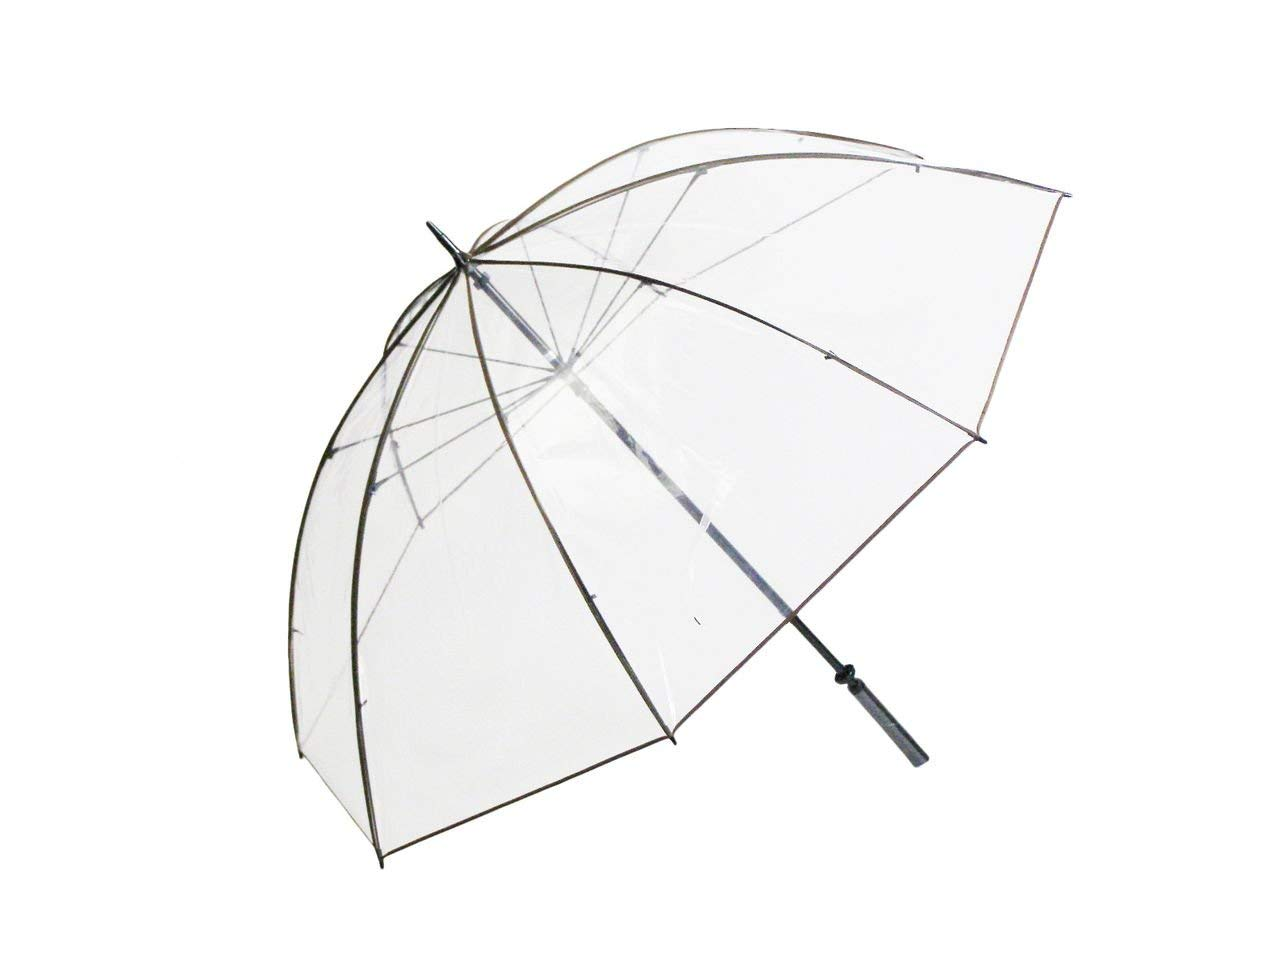 テラ・ボゼンホワイトローズ社の超特大サイズの透明傘!(透明傘 高級ビニール傘)テラボゼン ホワイトローズ社 大人気ビニールかさ